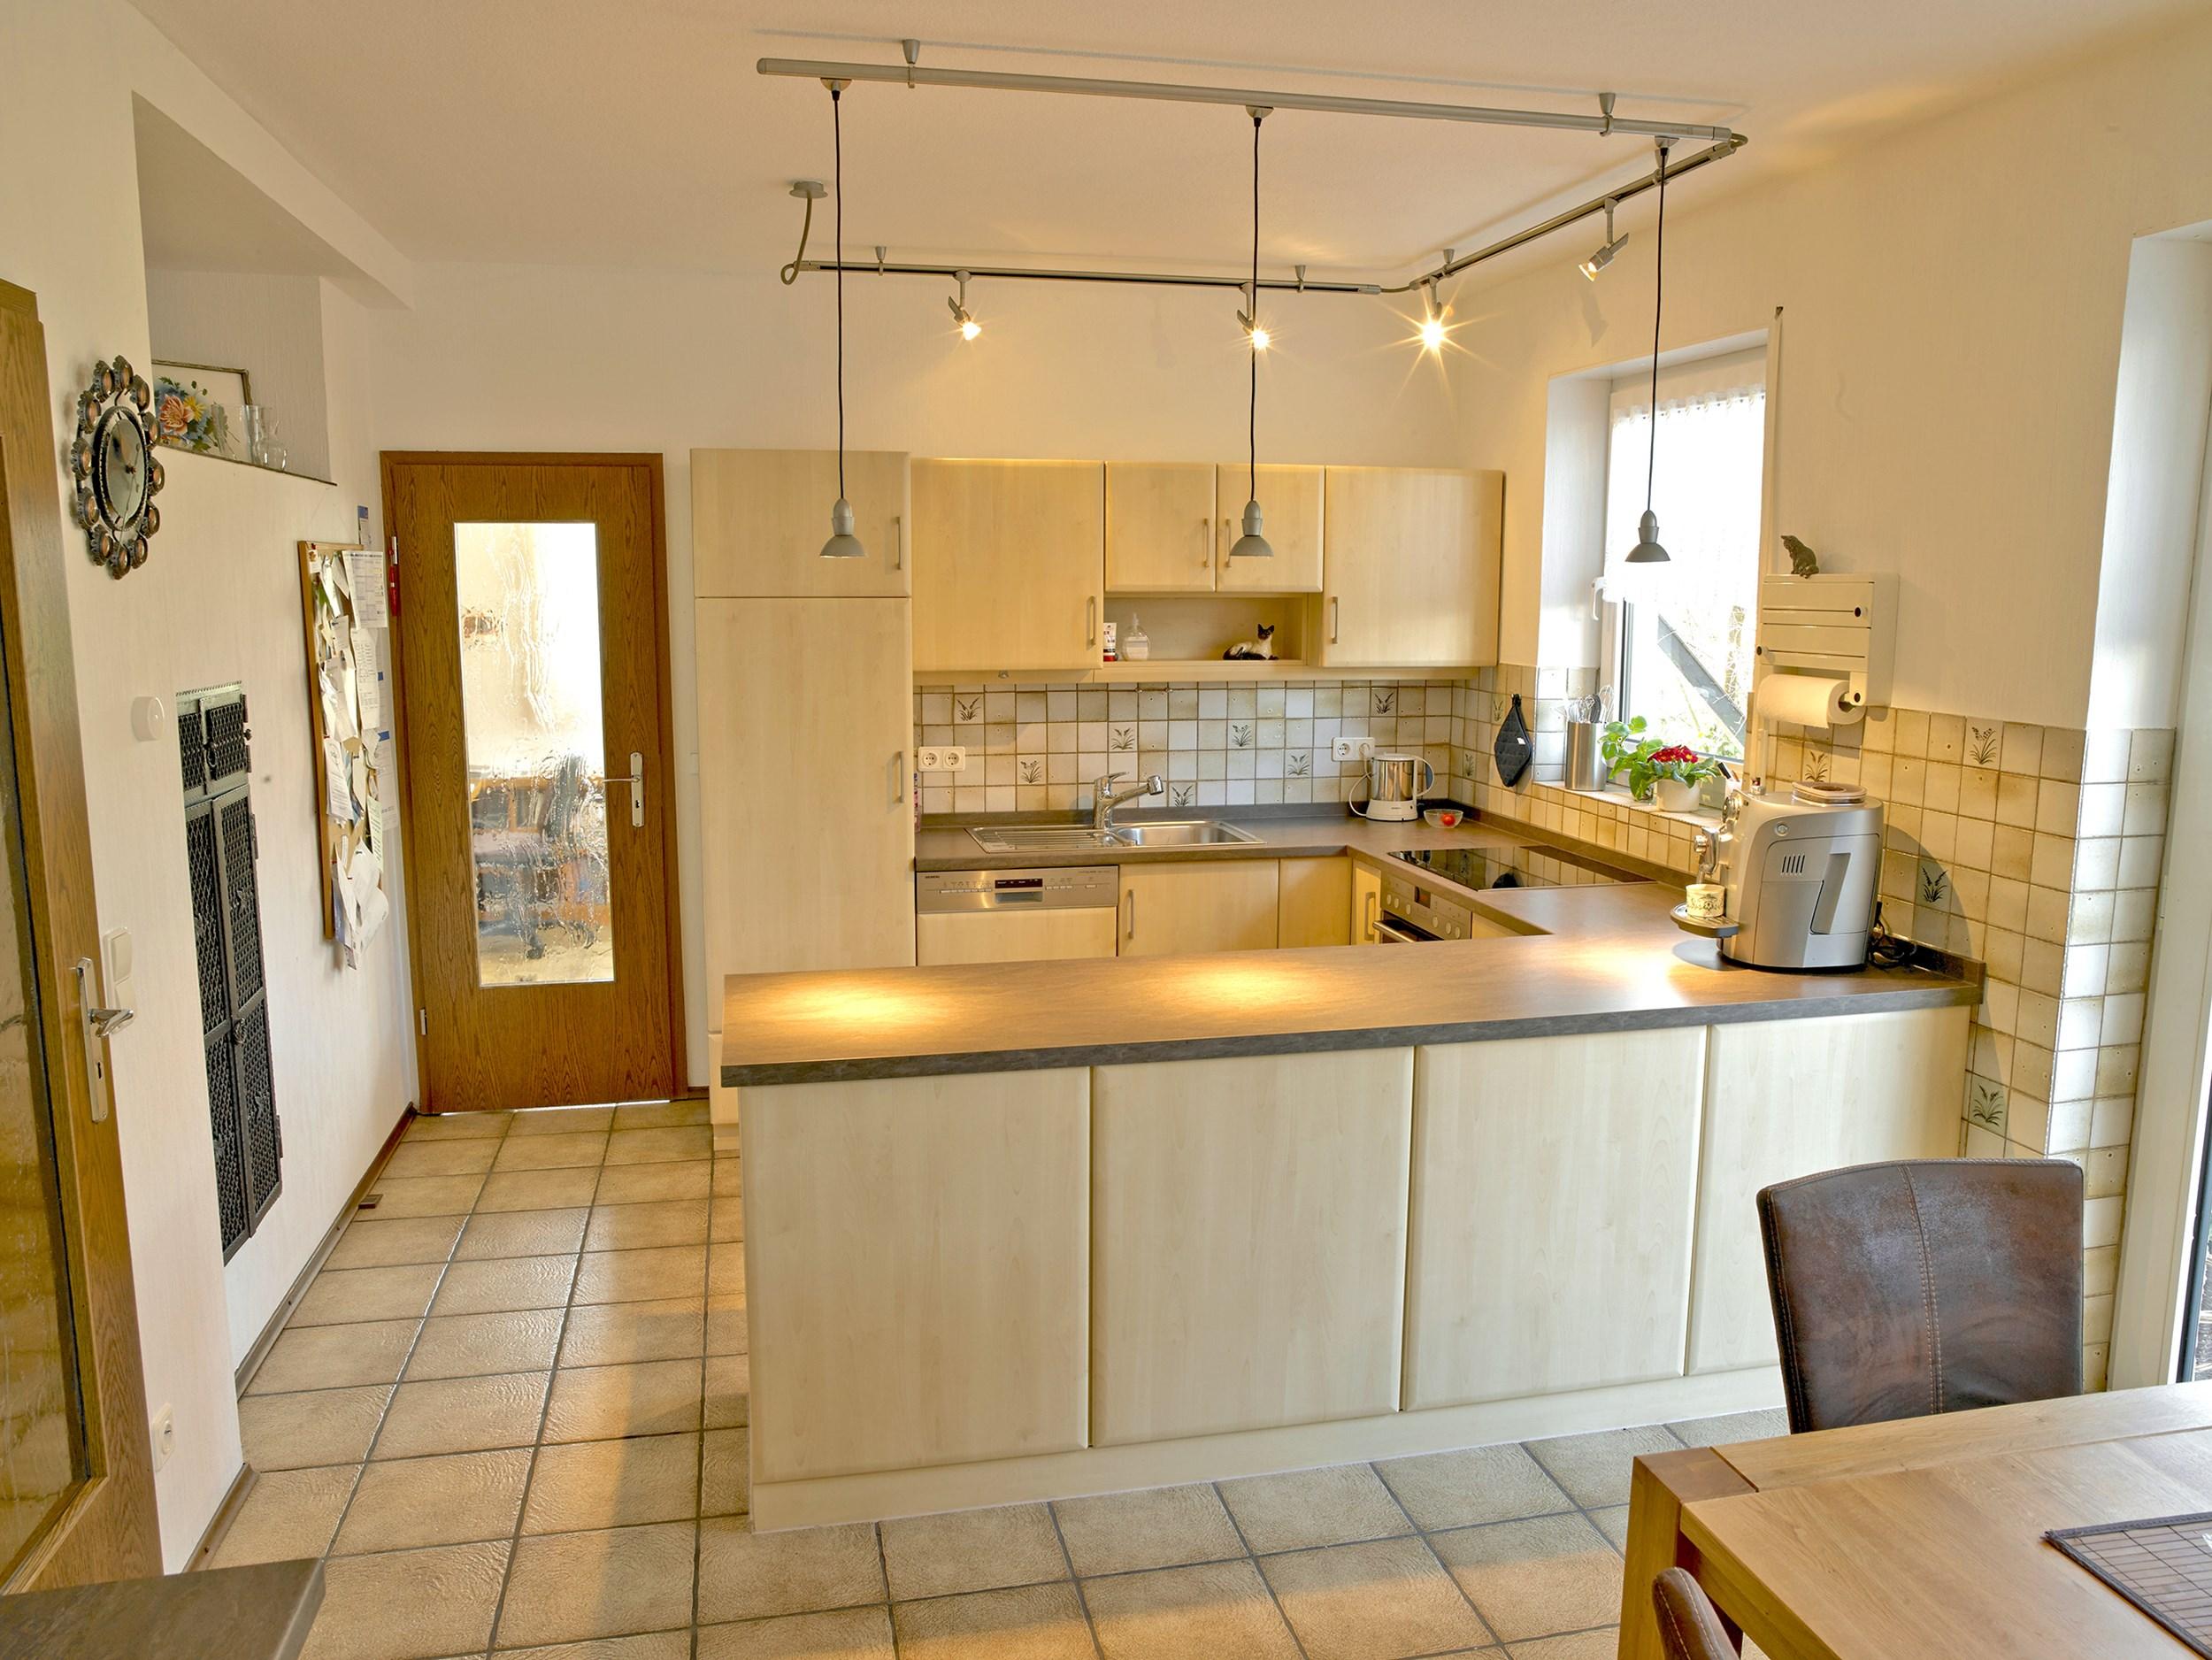 Ziemlich Küche Renovierungen Gold Coast Queensland Bilder - Küchen ...